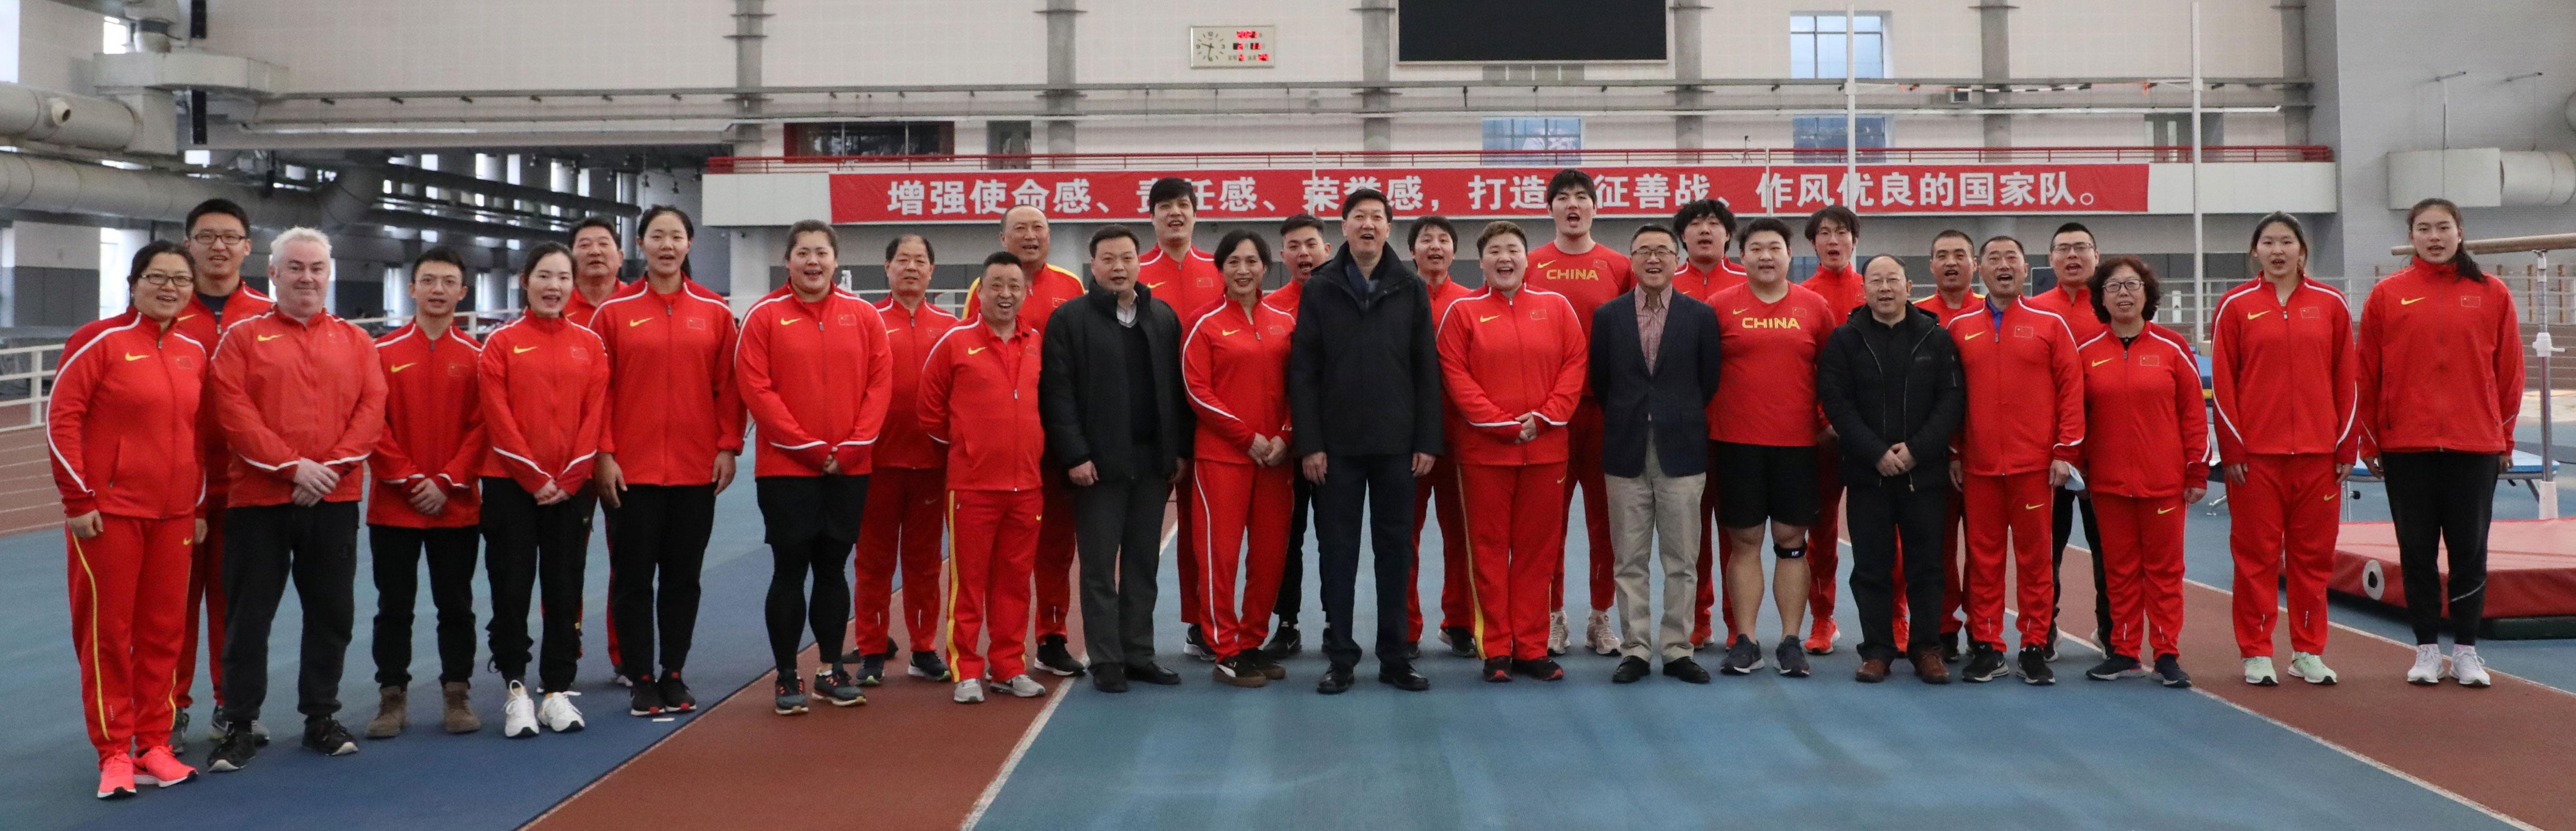 总局和协会领导向坚守岗位的中国国家田径队送去新春祝福